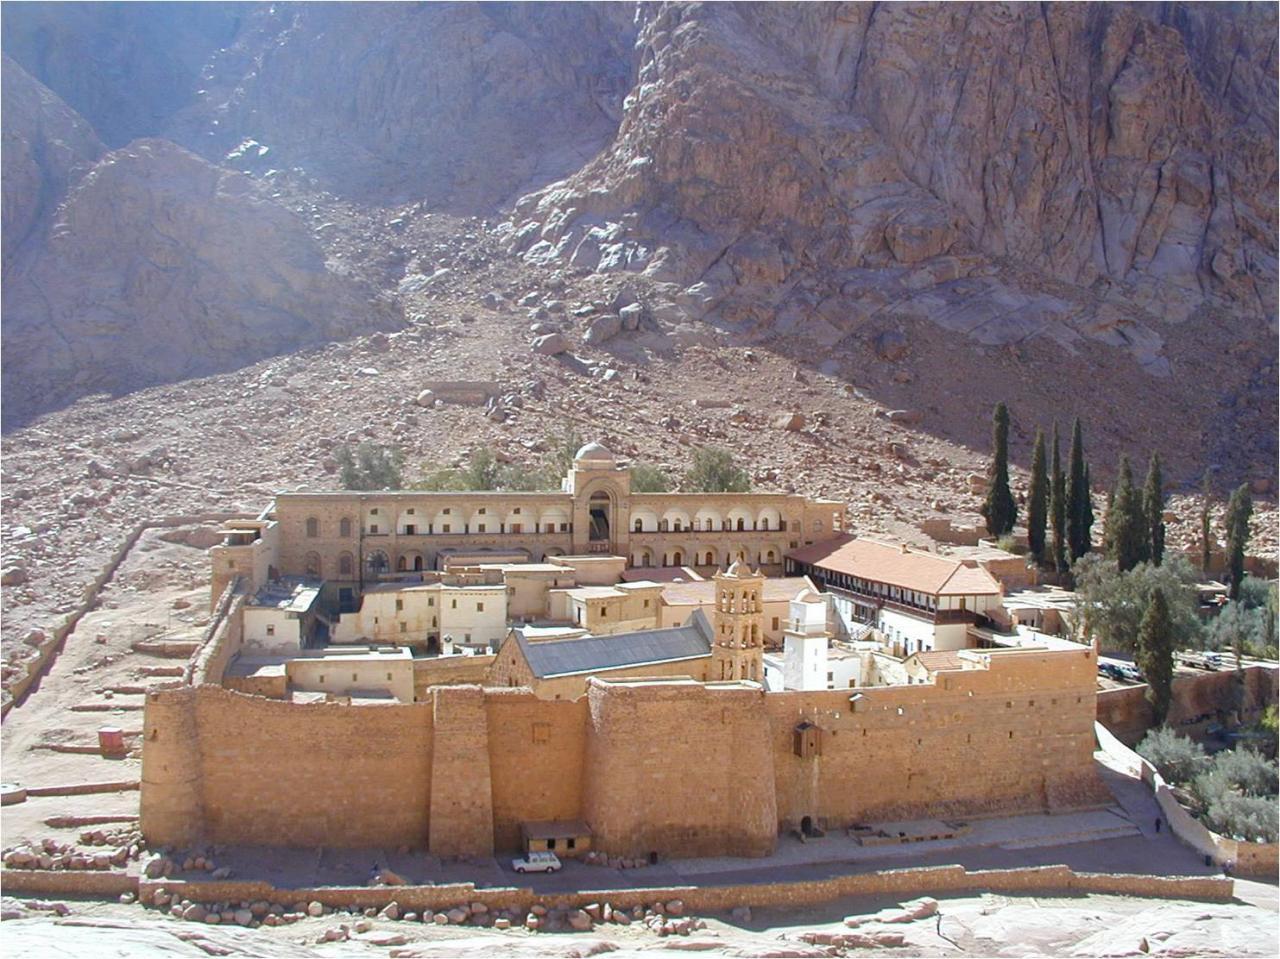 السياحة فى شرم الشيخ وافضل اماكن الخروج وفعاليات شرم الشيخ